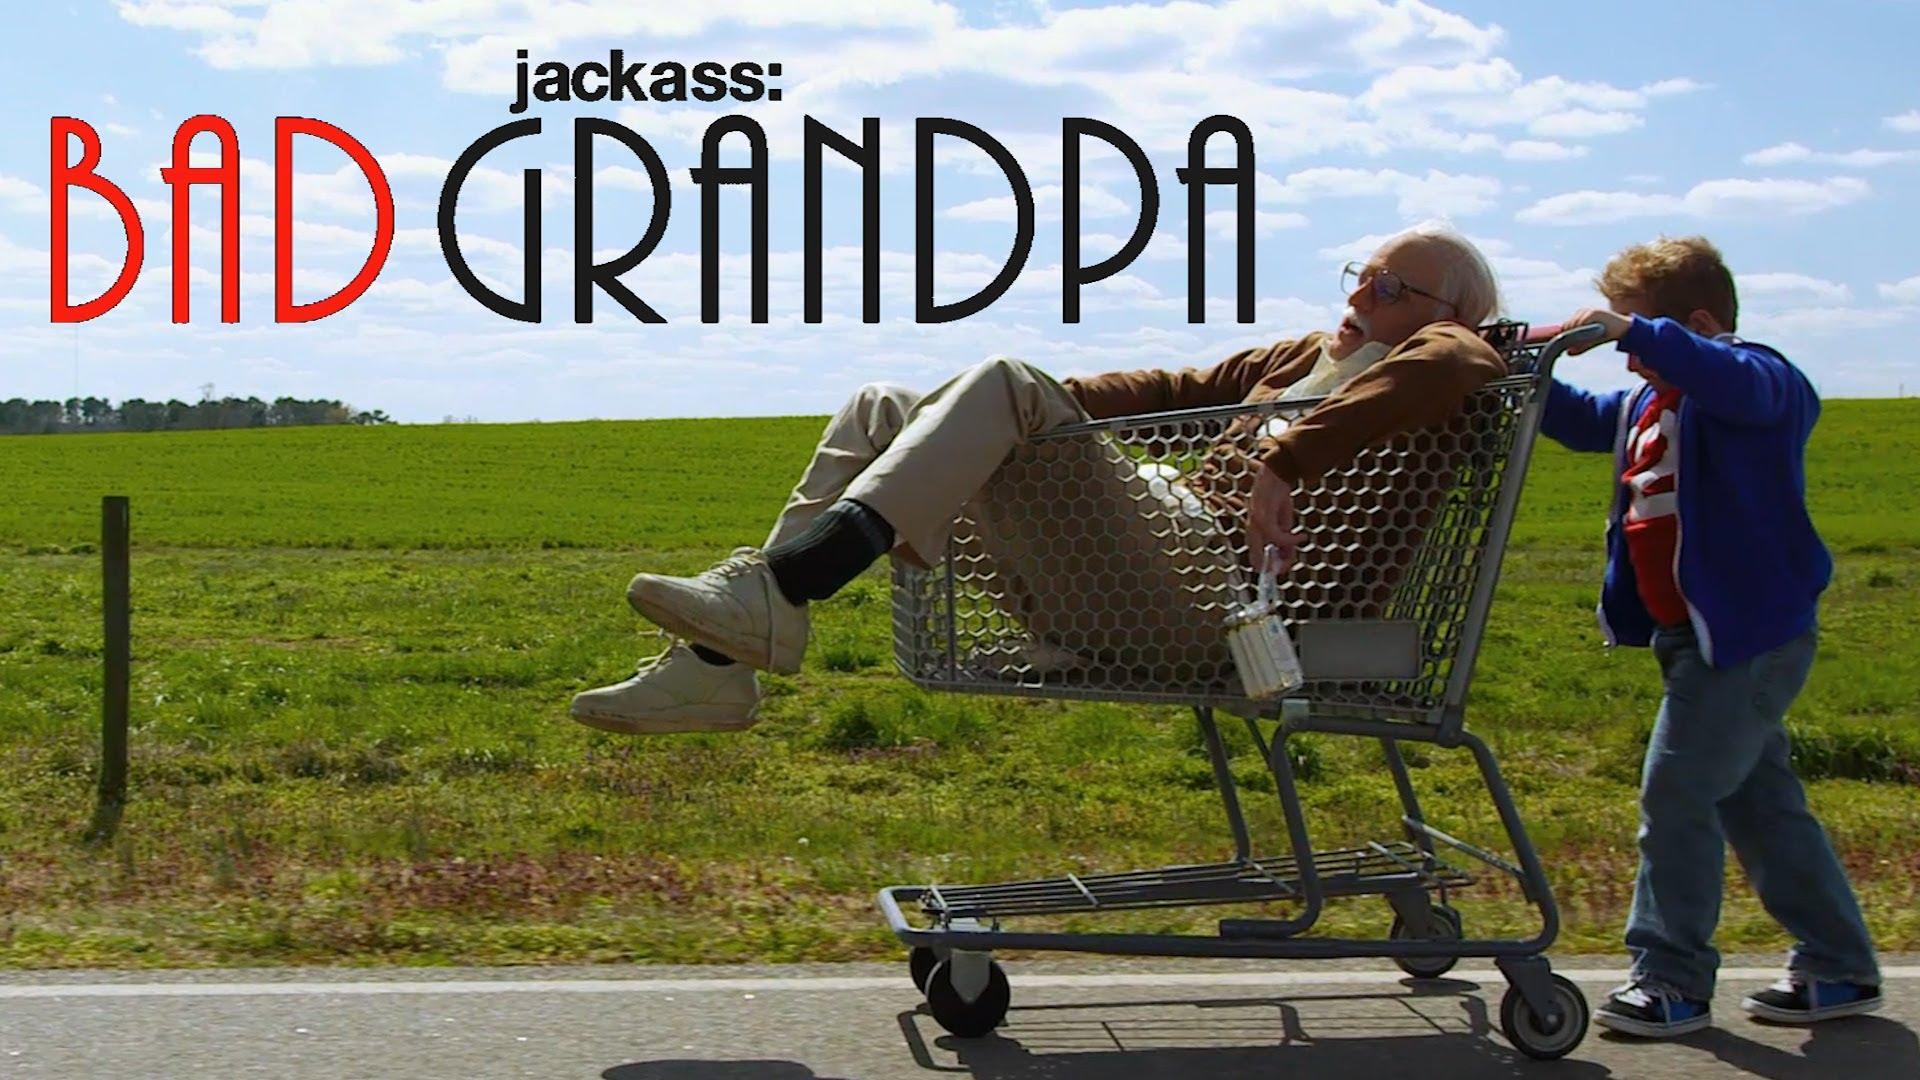 Bad Granpa